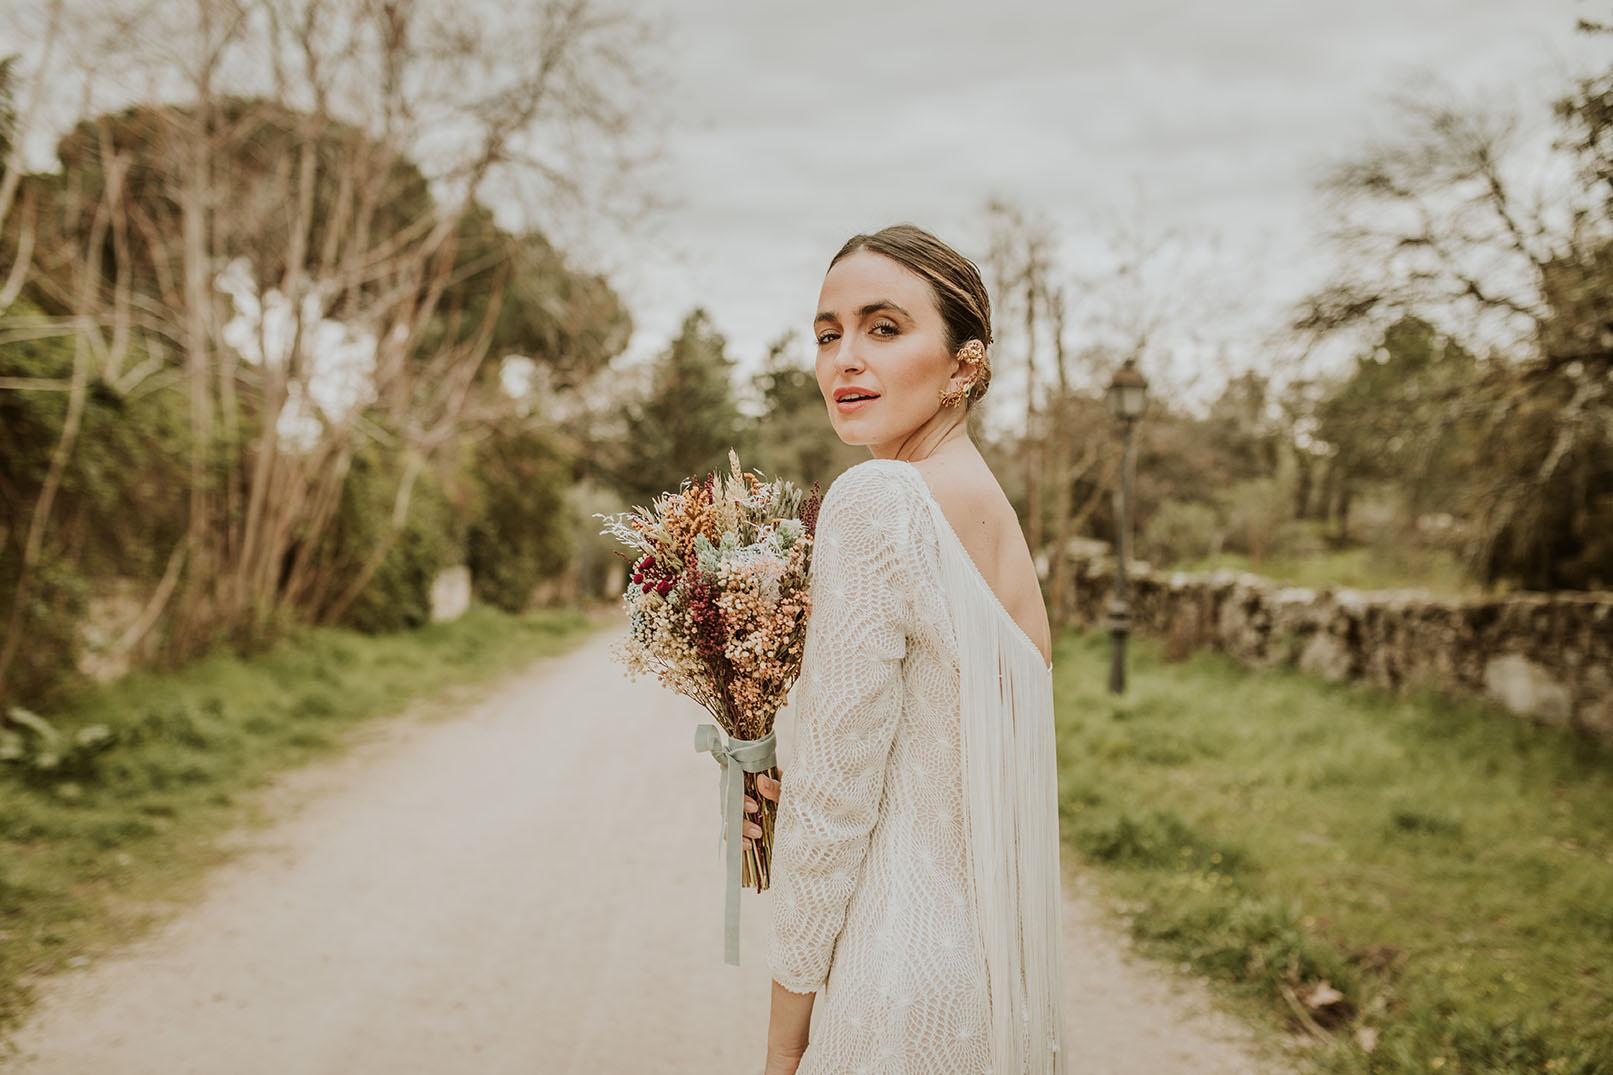 Ramo silvestre preservado para novias